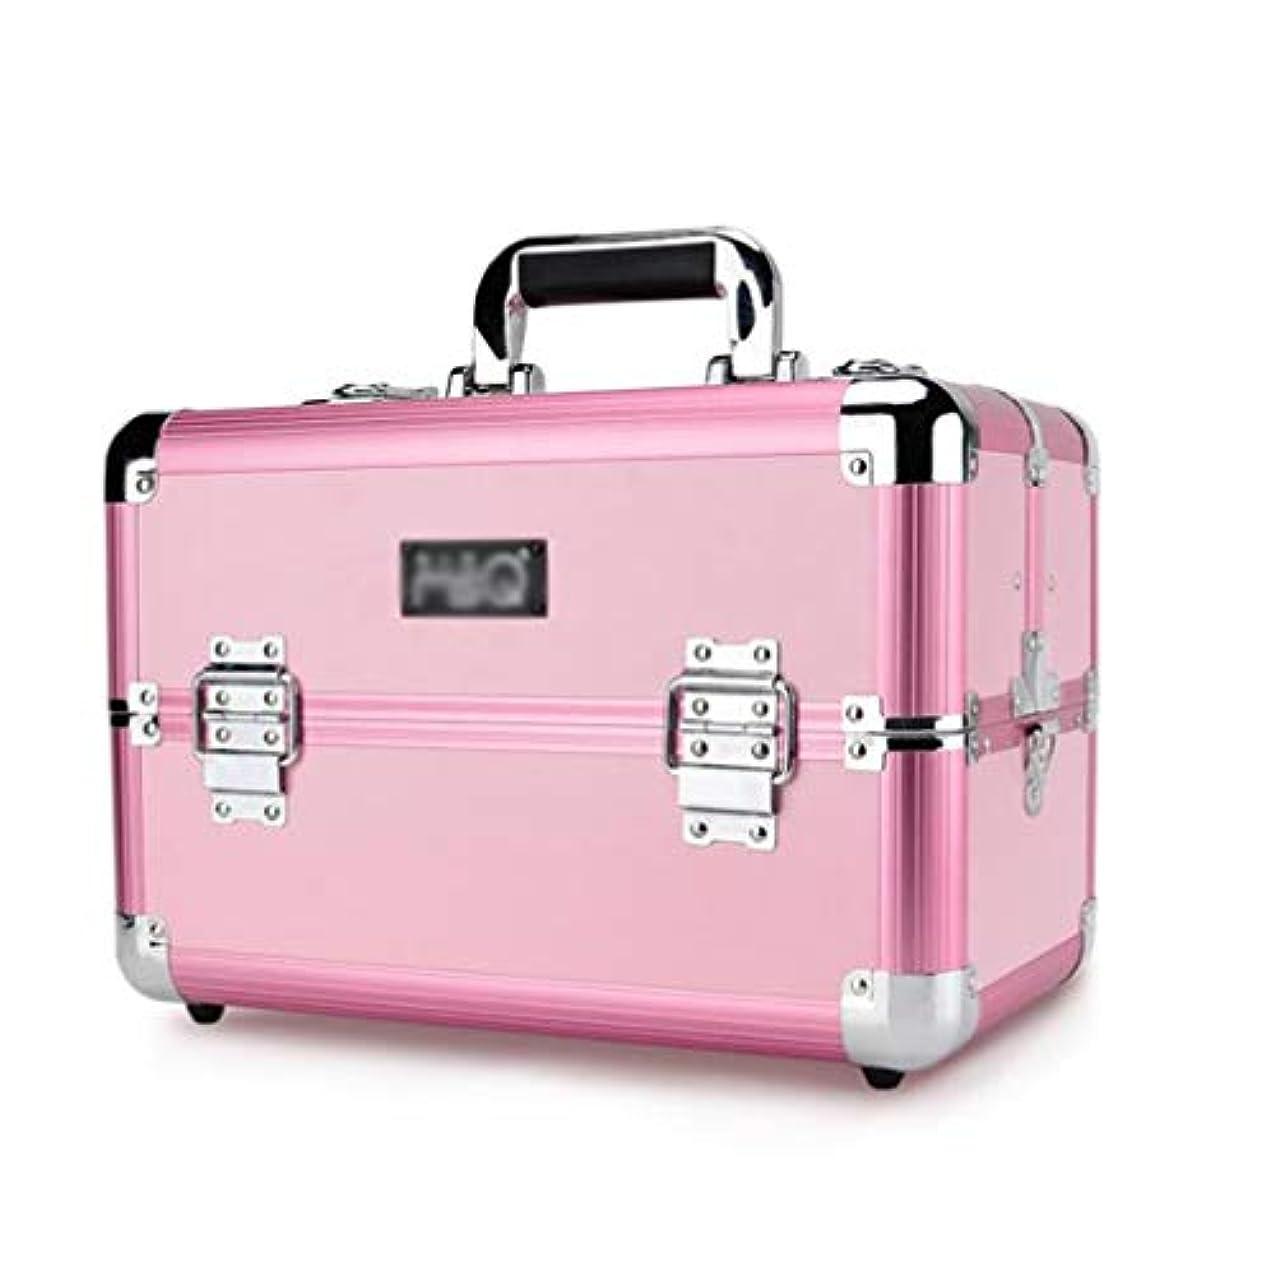 三番バンカー注釈を付けるBUMC プロのアルミ化粧品ケースメイクアップトロリー列車テーブル虚栄心のための美容師特大旅行ジュエリーボックスオーガナイザー,Pink